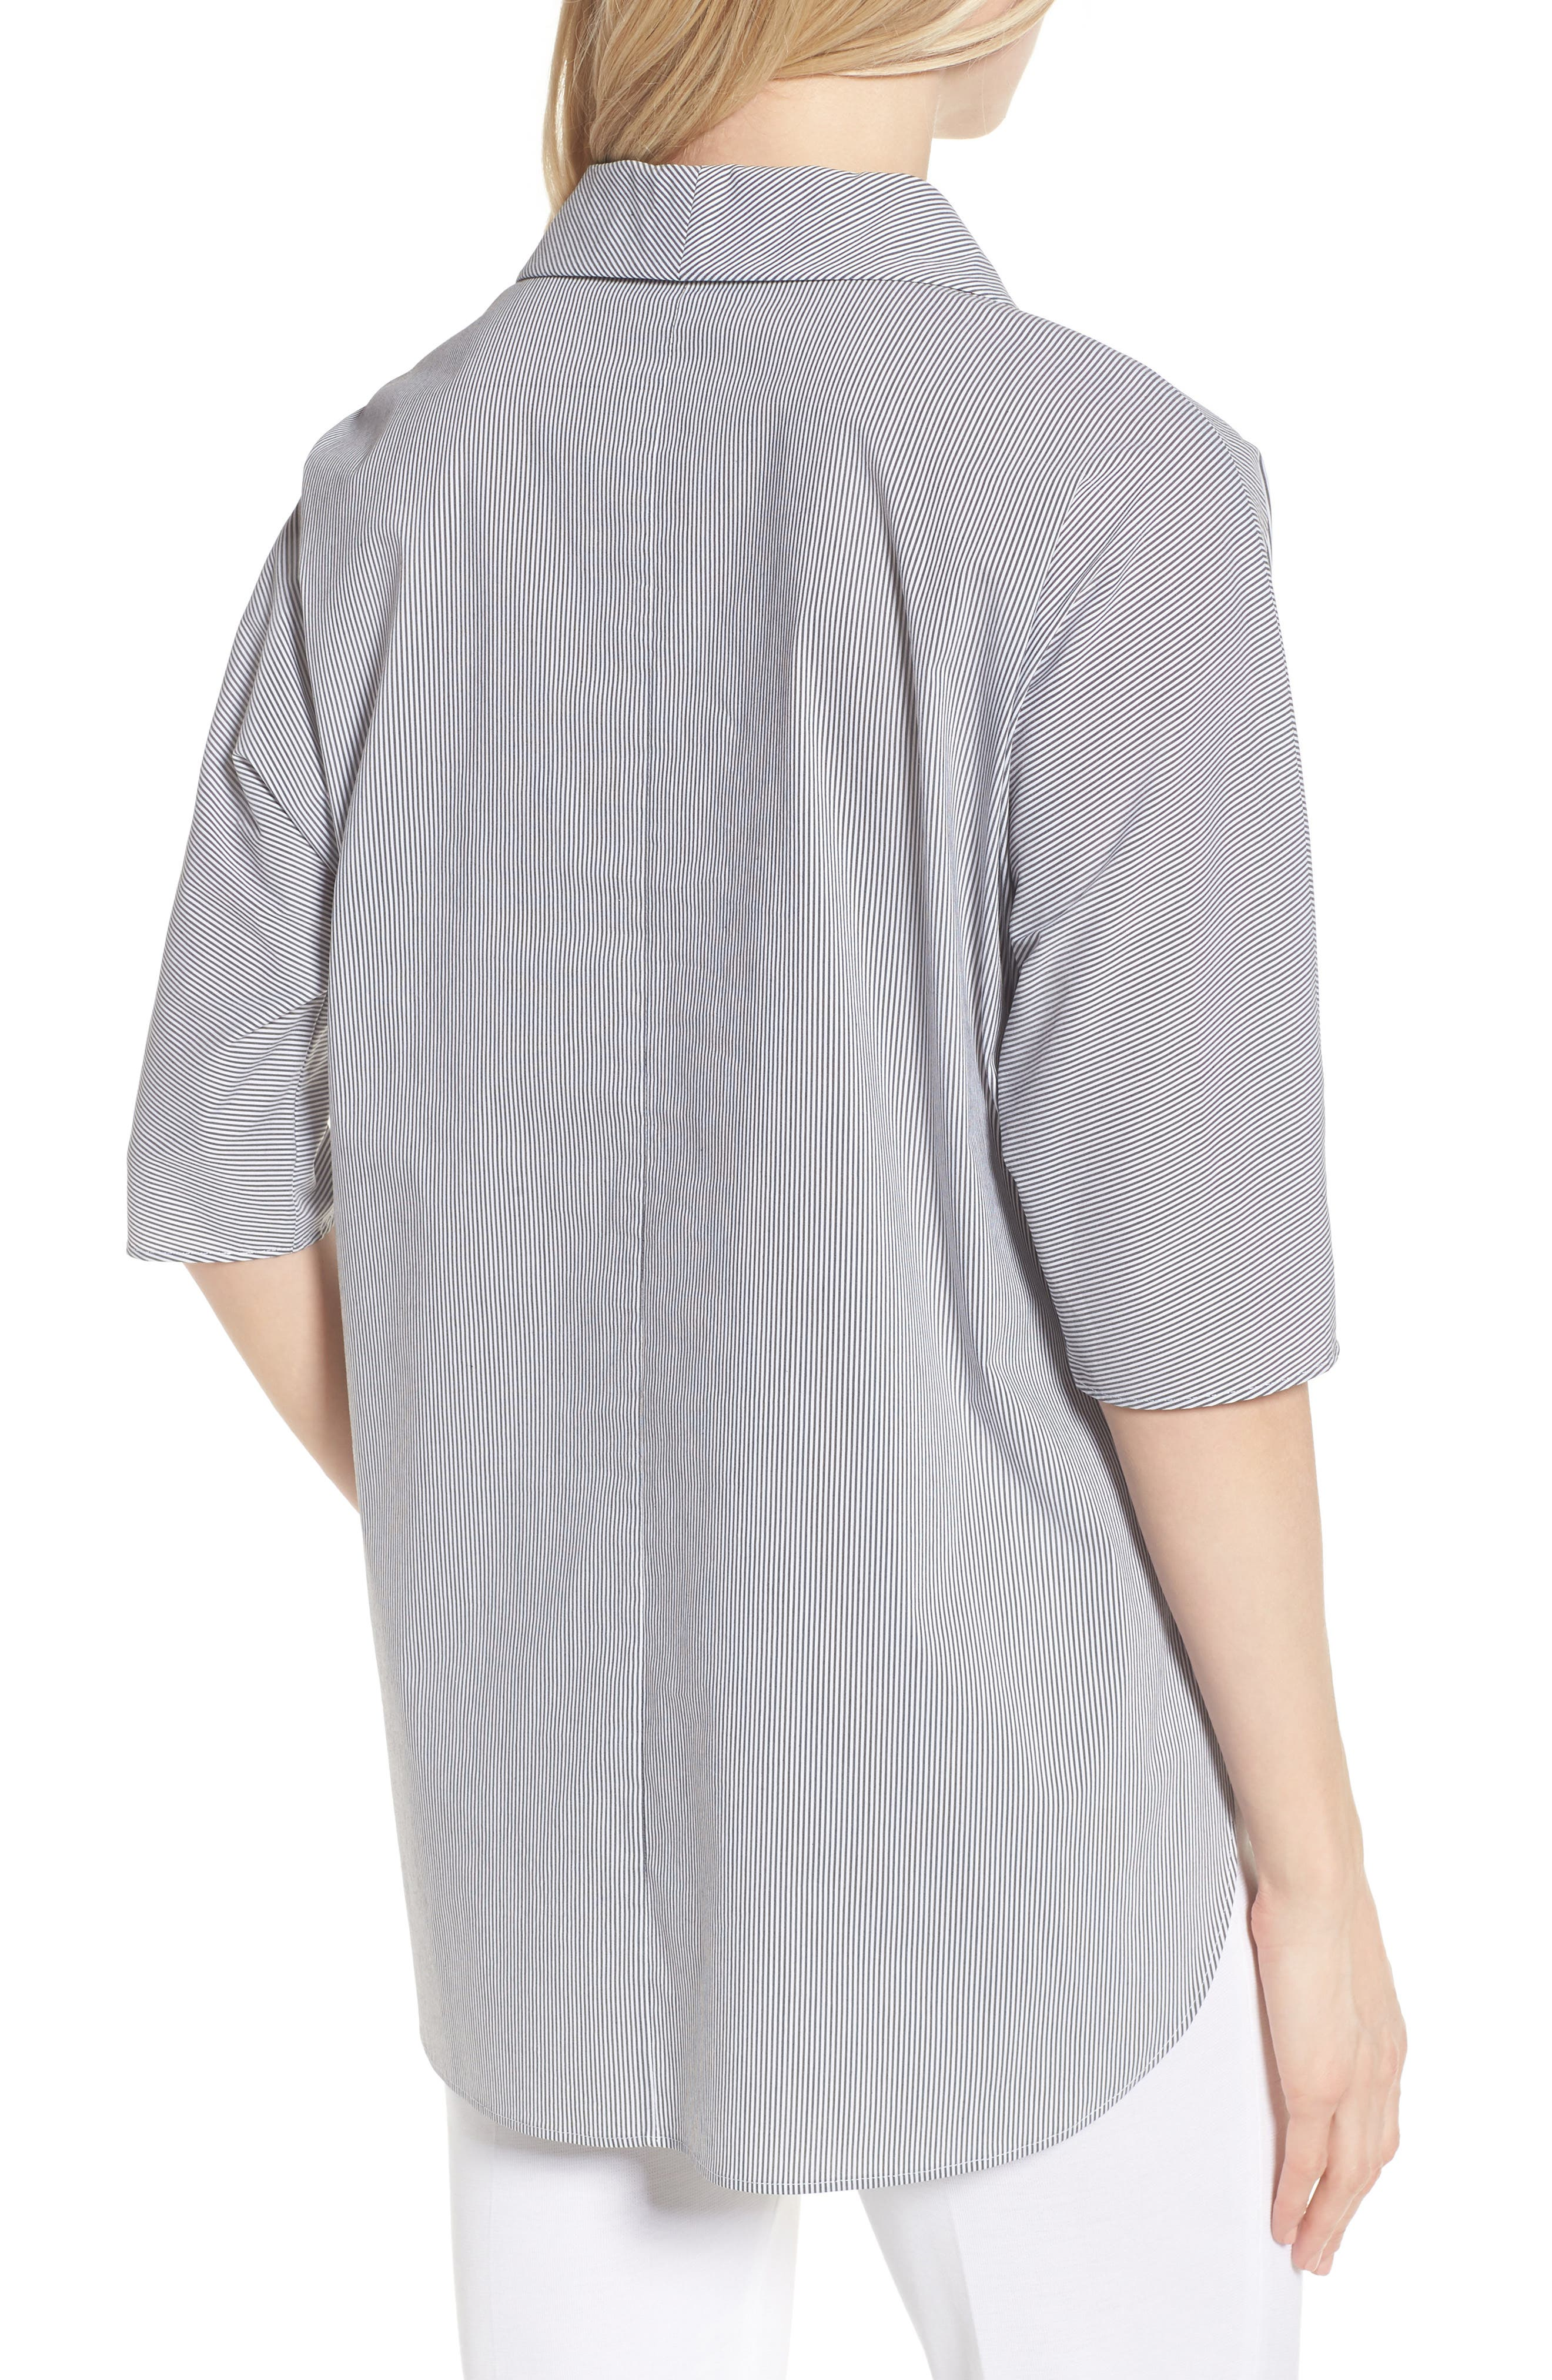 Stripe Tunic Shirt,                             Alternate thumbnail 2, color,                             Black/ White